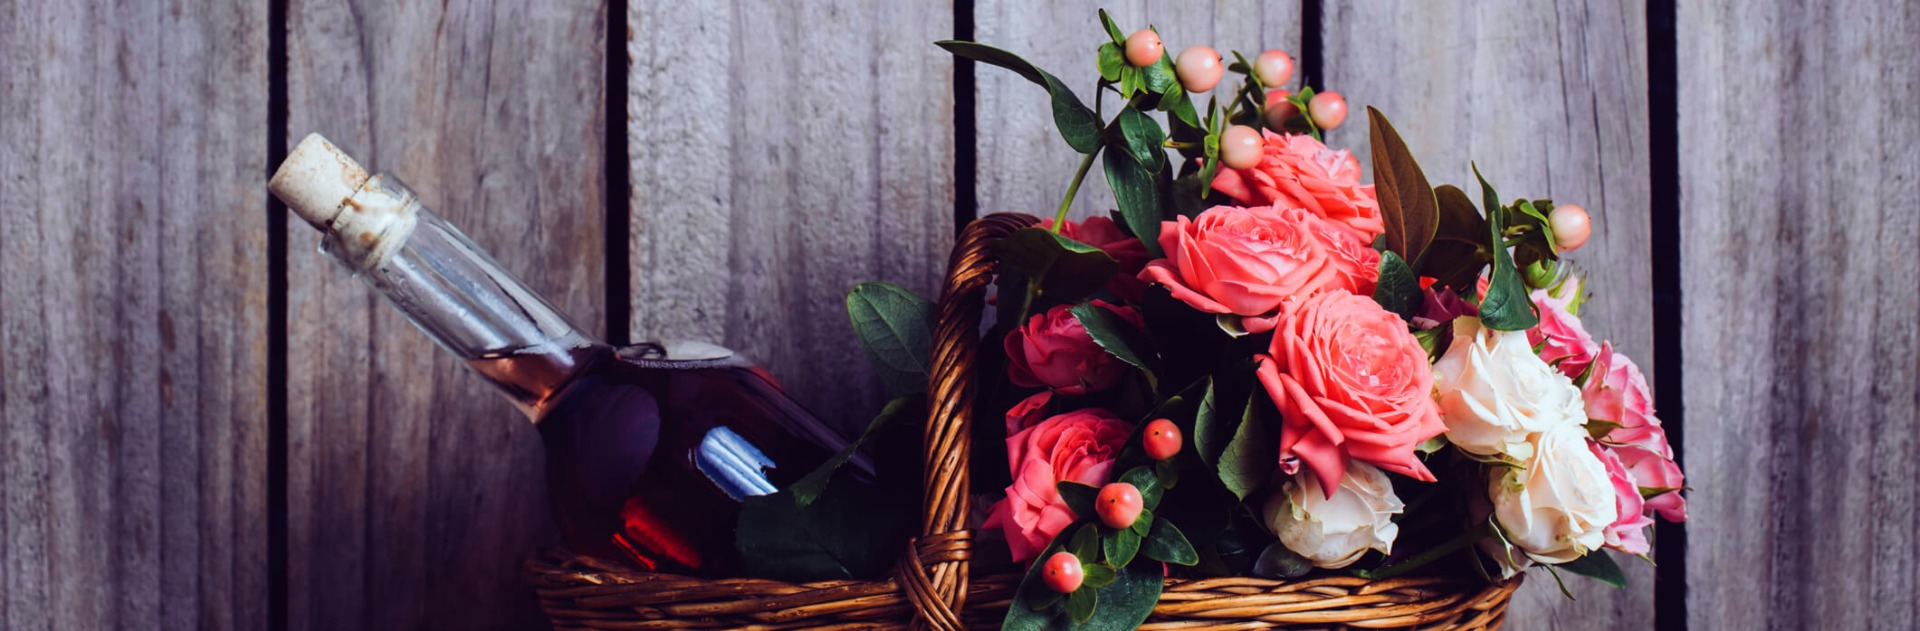 Donna Lee Gardens Gift Baskets